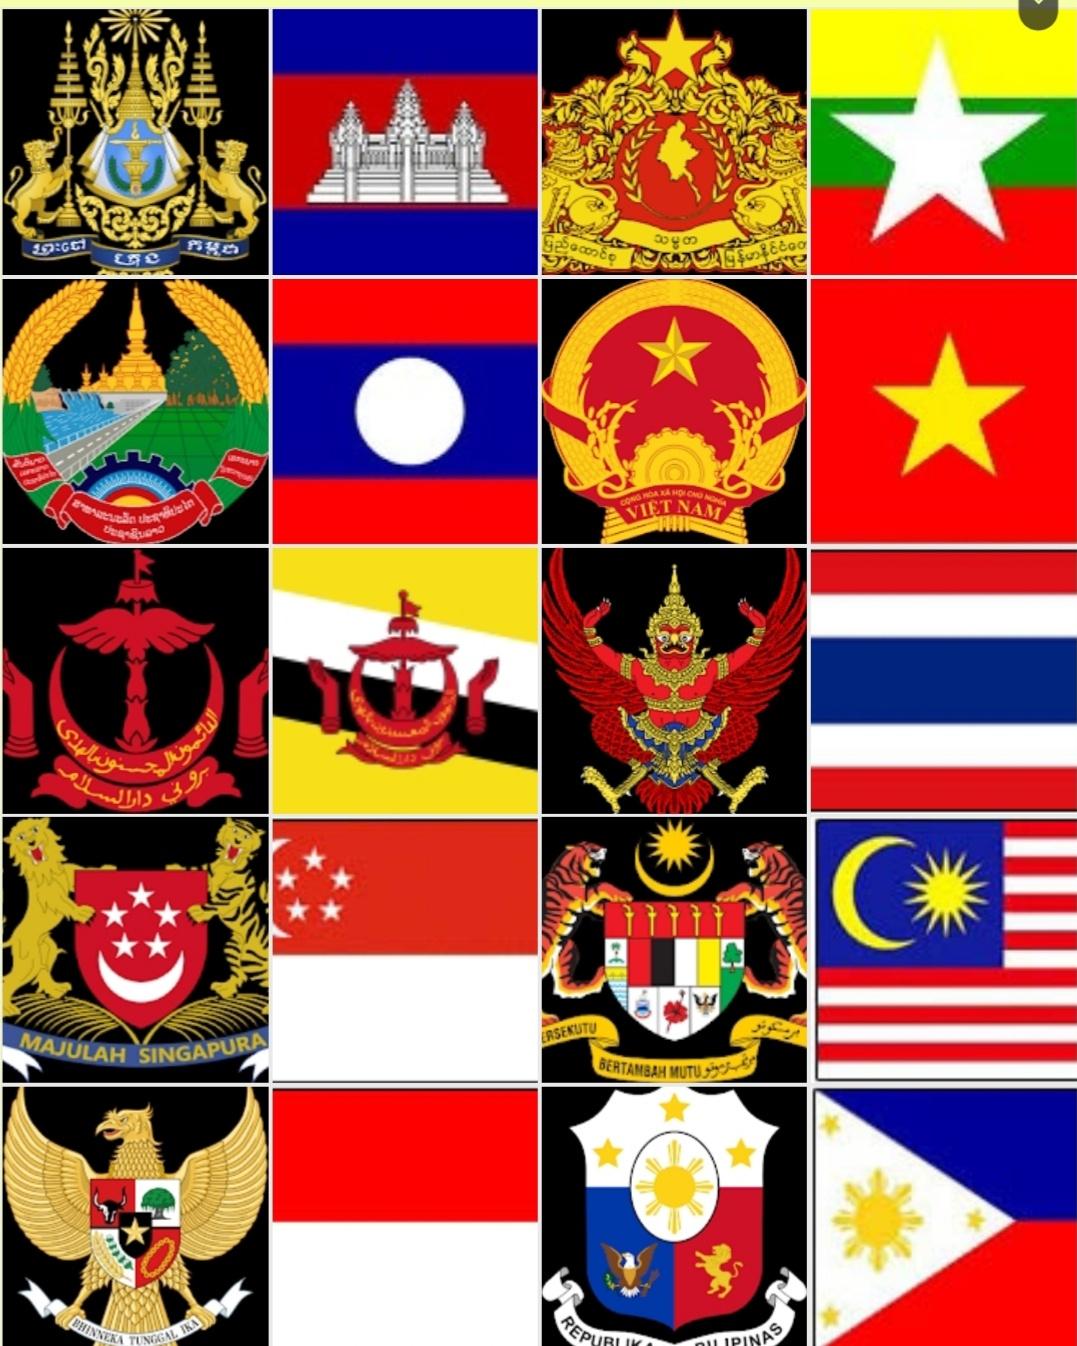 Bendera Dan Lambang Negara Asean : bendera, lambang, negara, asean, Bendera, Lambang, Negara, ASEAN, Quizizz